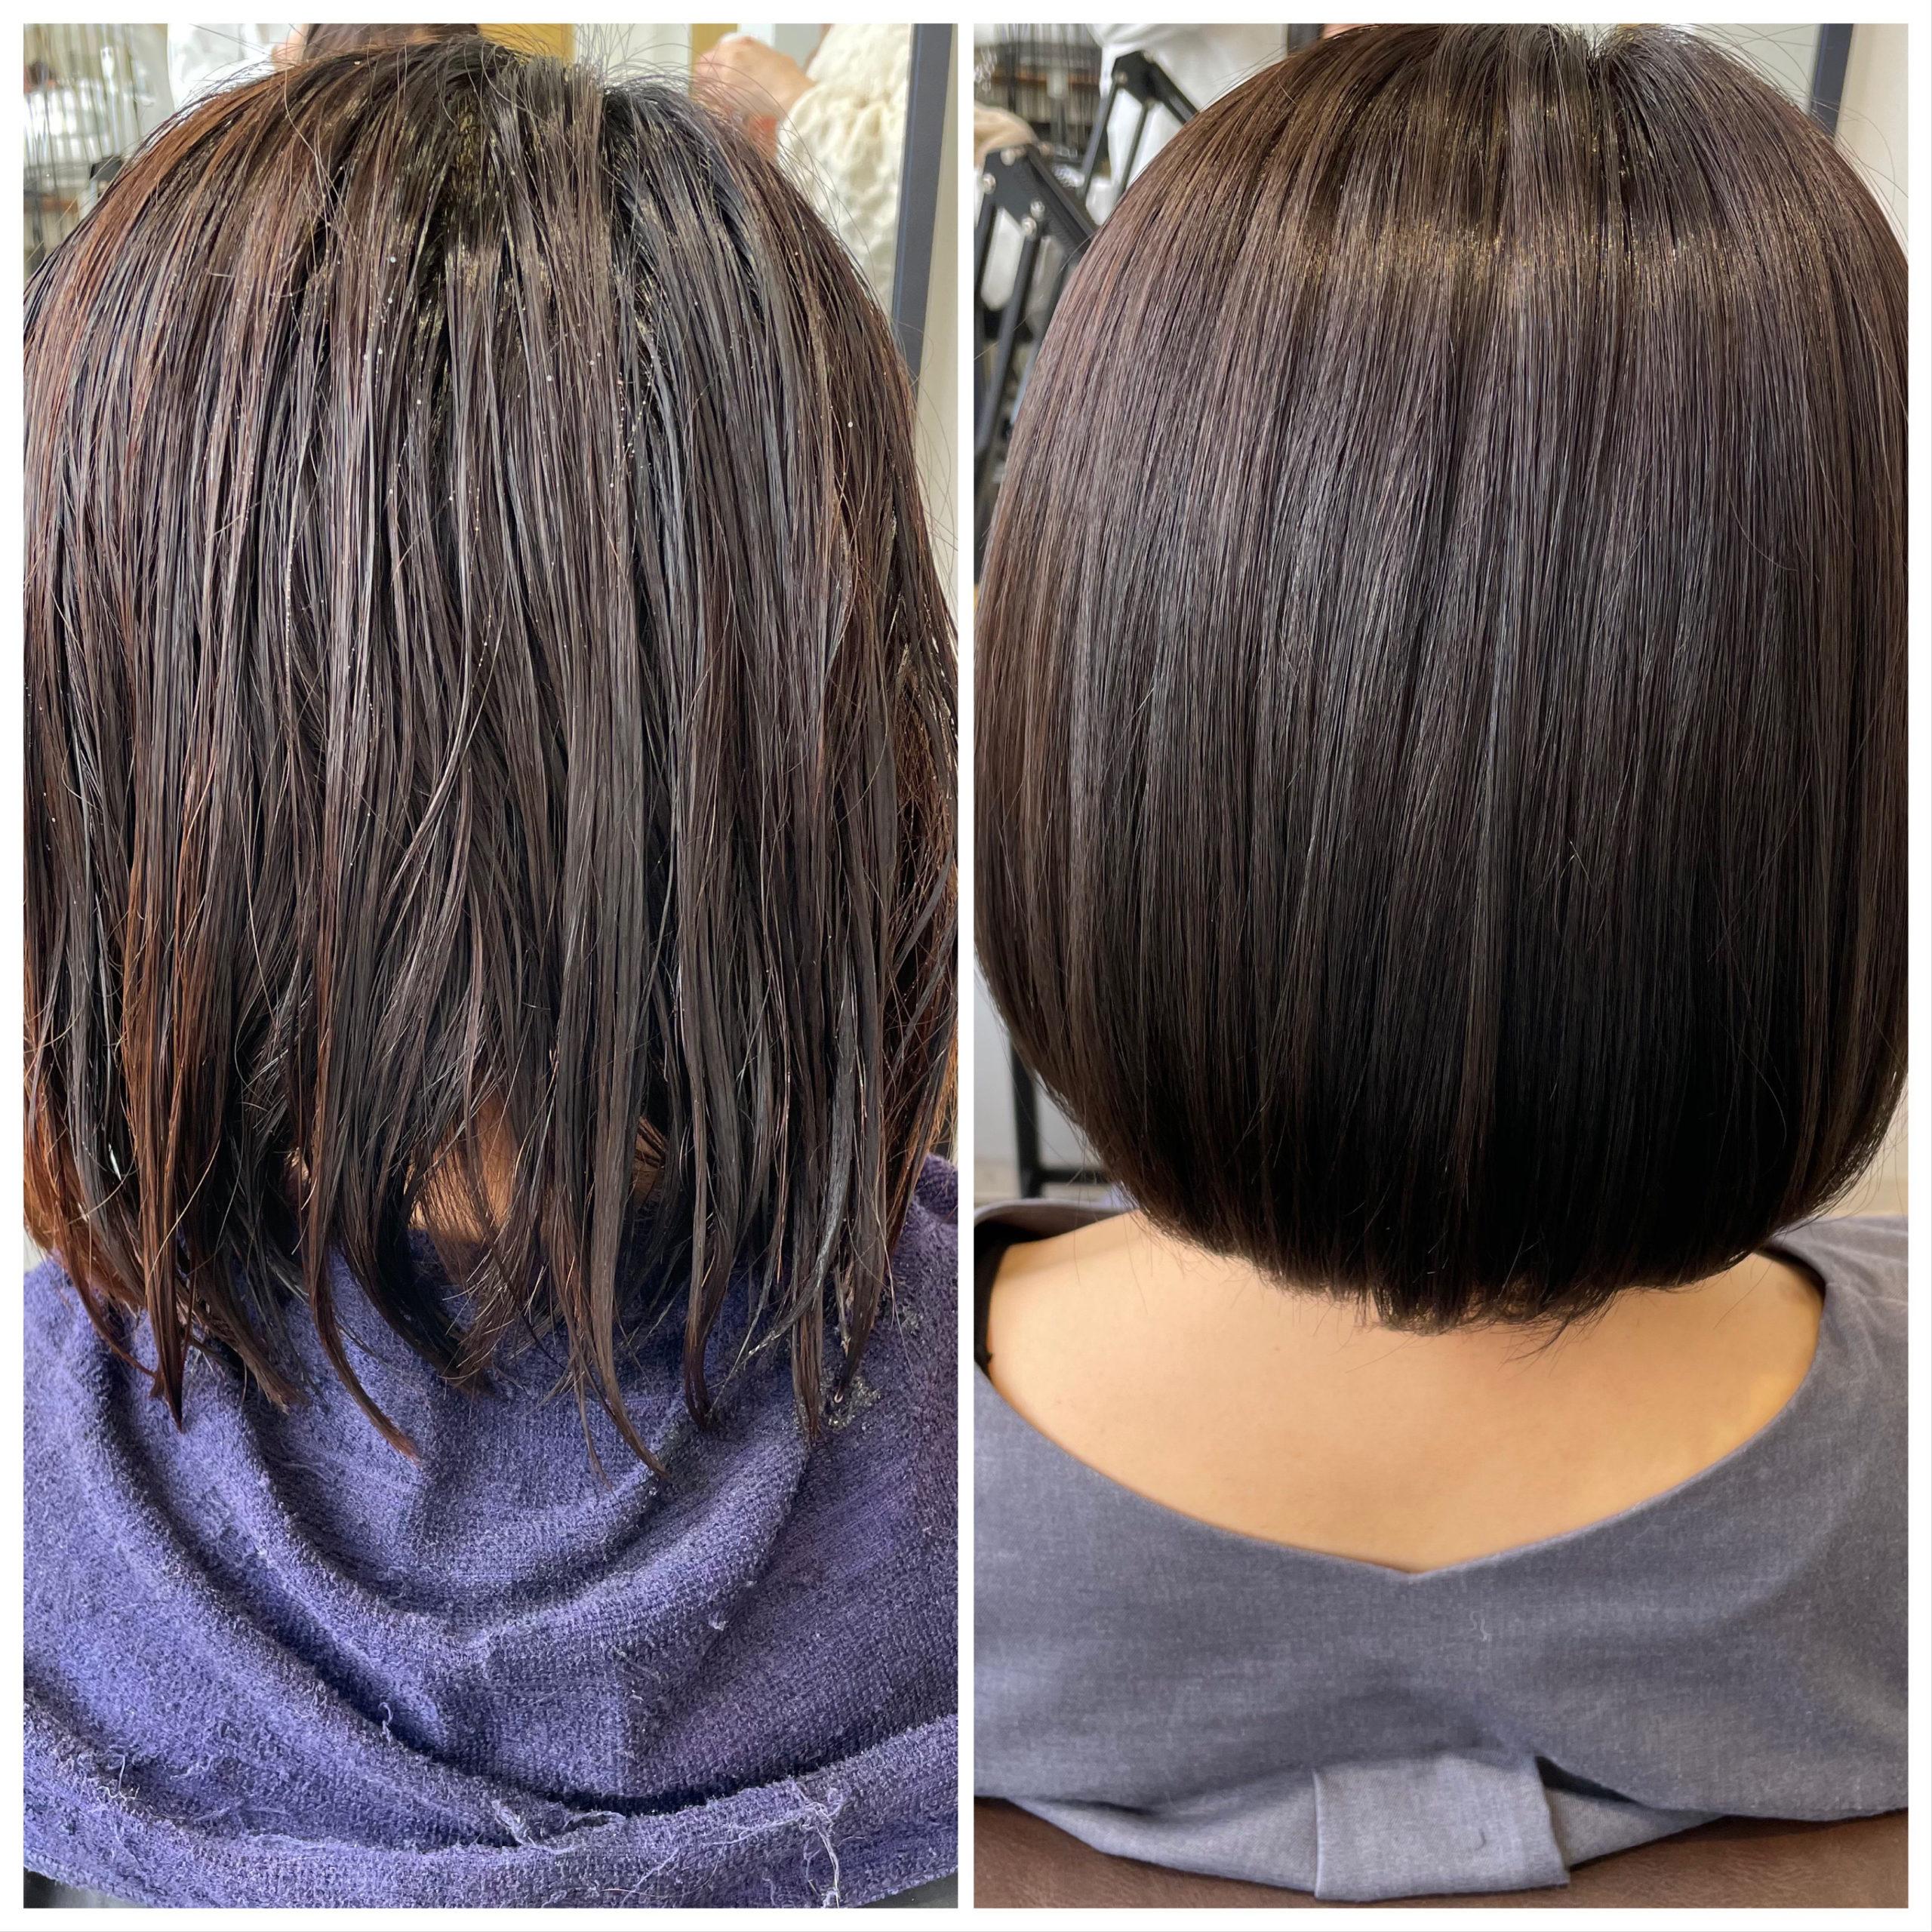 大分県別府市 髪の毛のオレンジみを消してアッシュブラウンの艶髪ヘアカラー ビフォーアフター